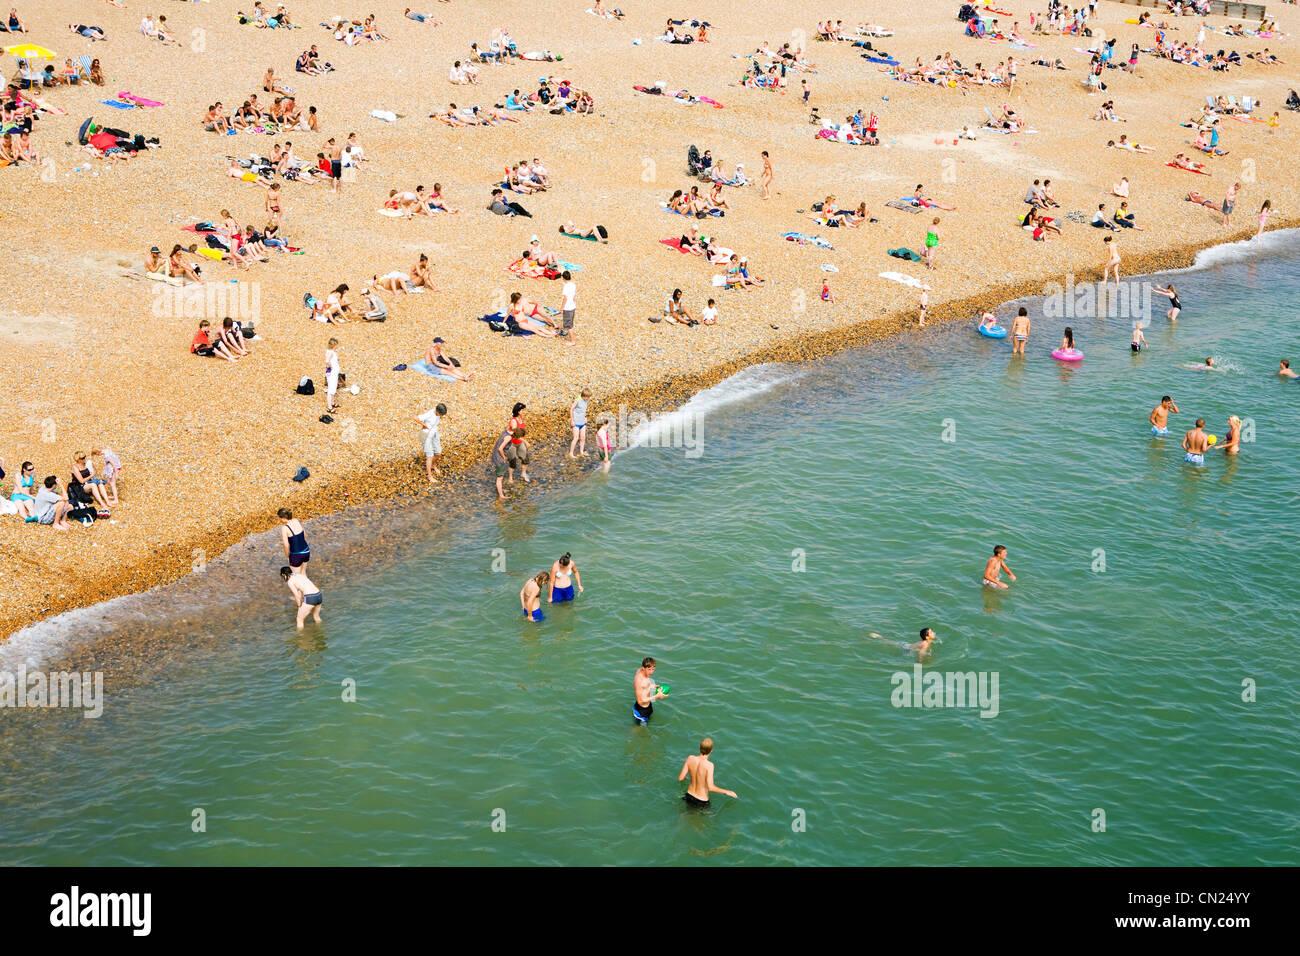 Menschen auf überfüllten Strand, Brighton, England Stockbild